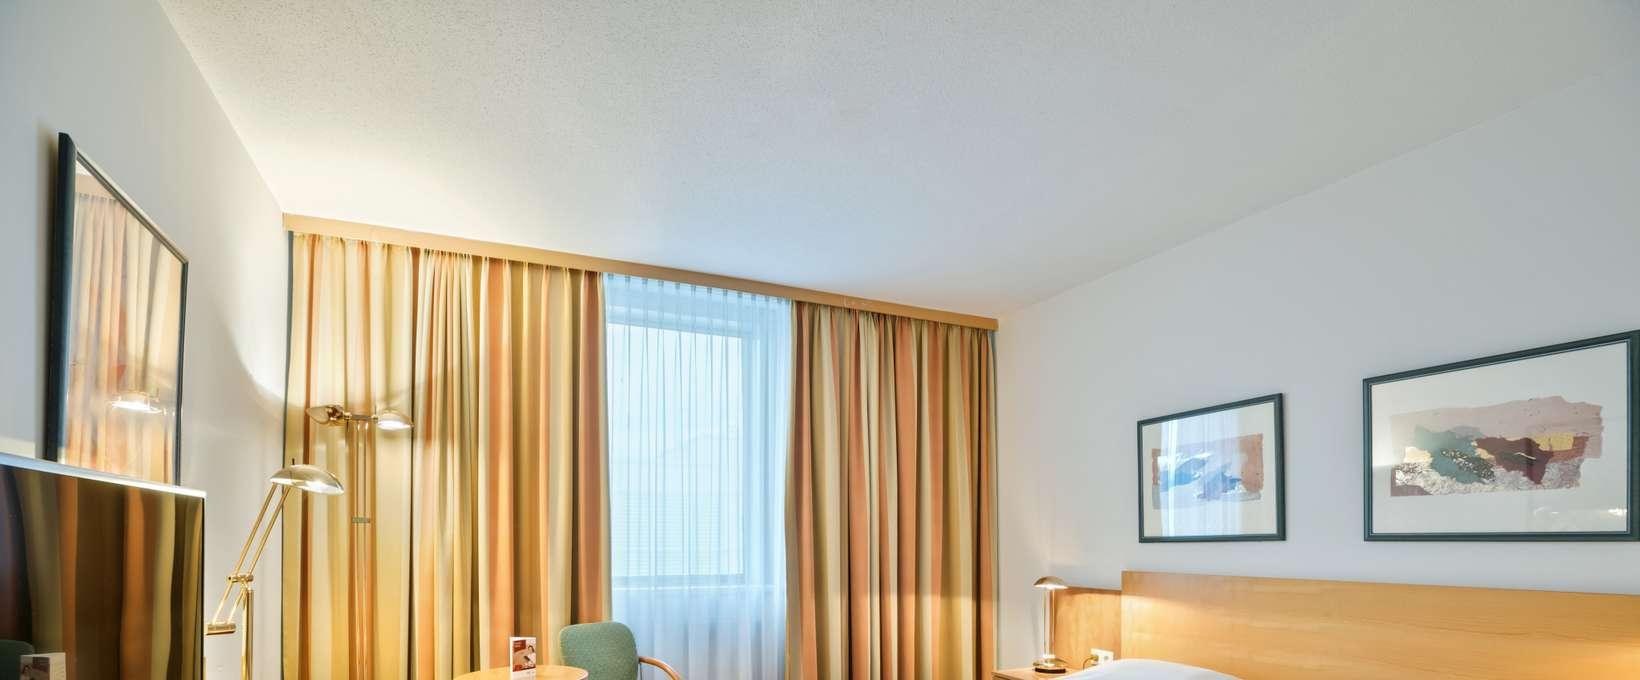 Hotel Salzburg West 4 Star Hotel In Salzburg Austria